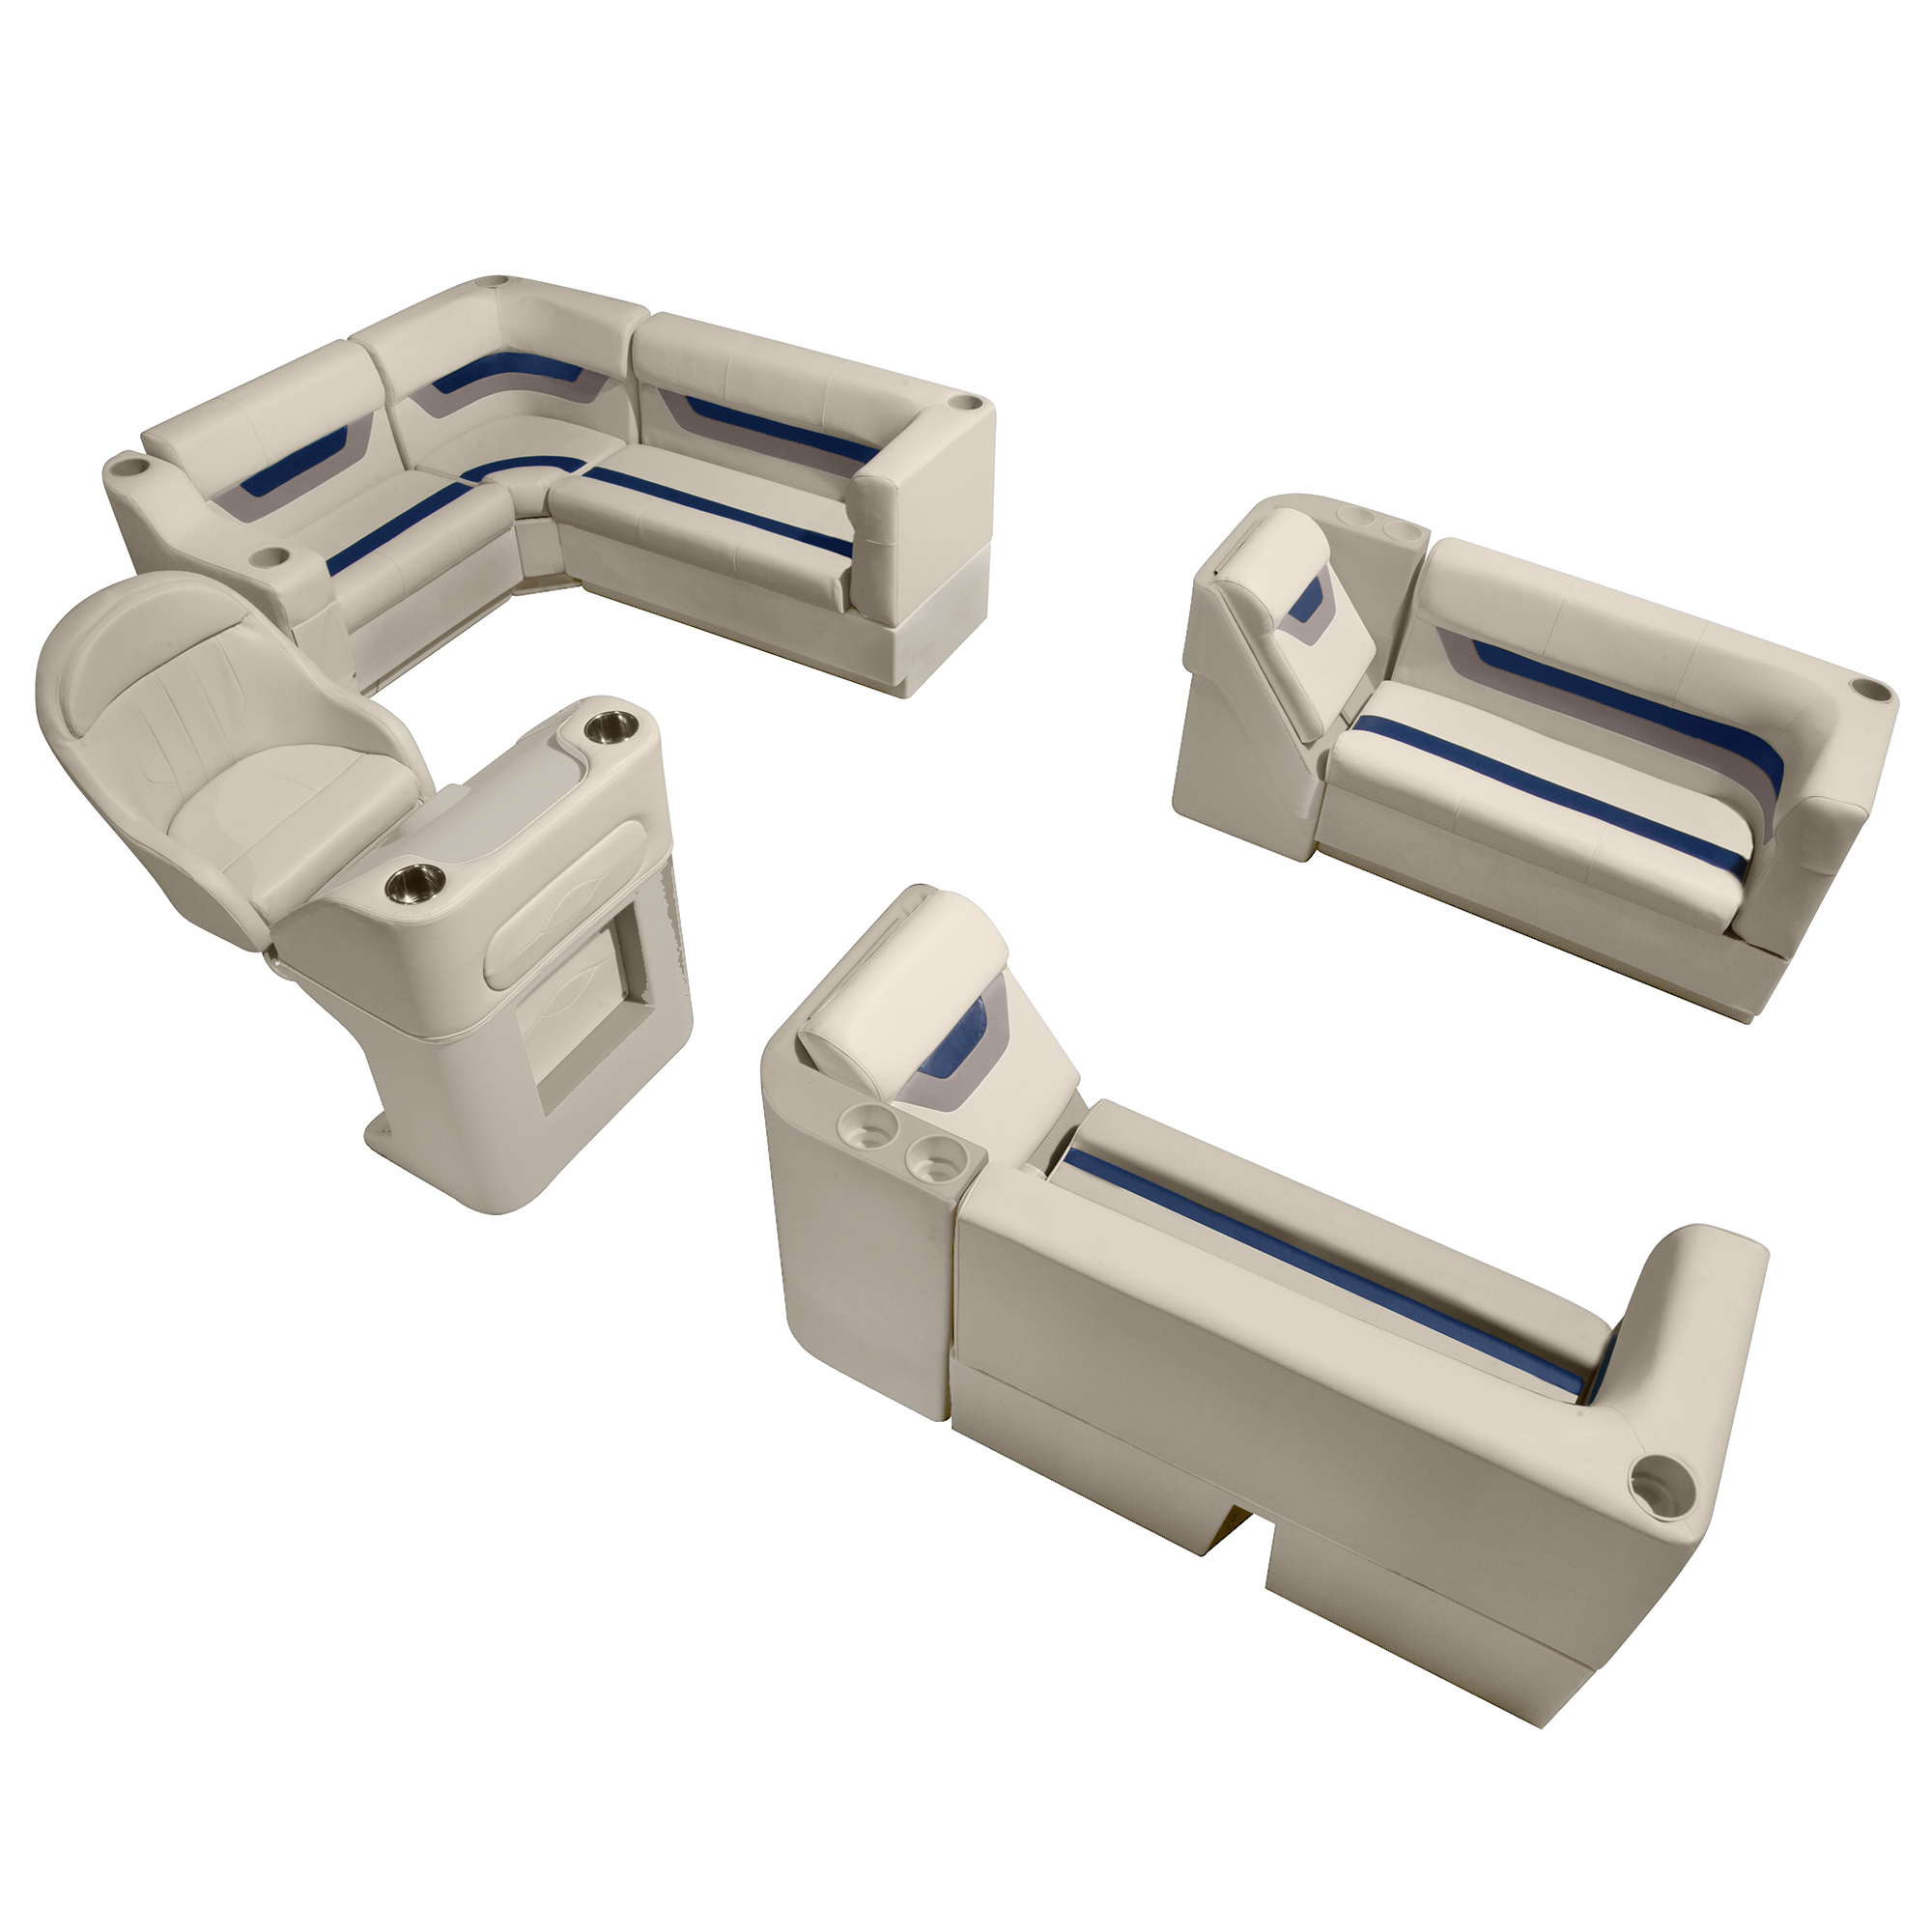 Toonmate Designer Pontoon Furniture Complete Boat Package